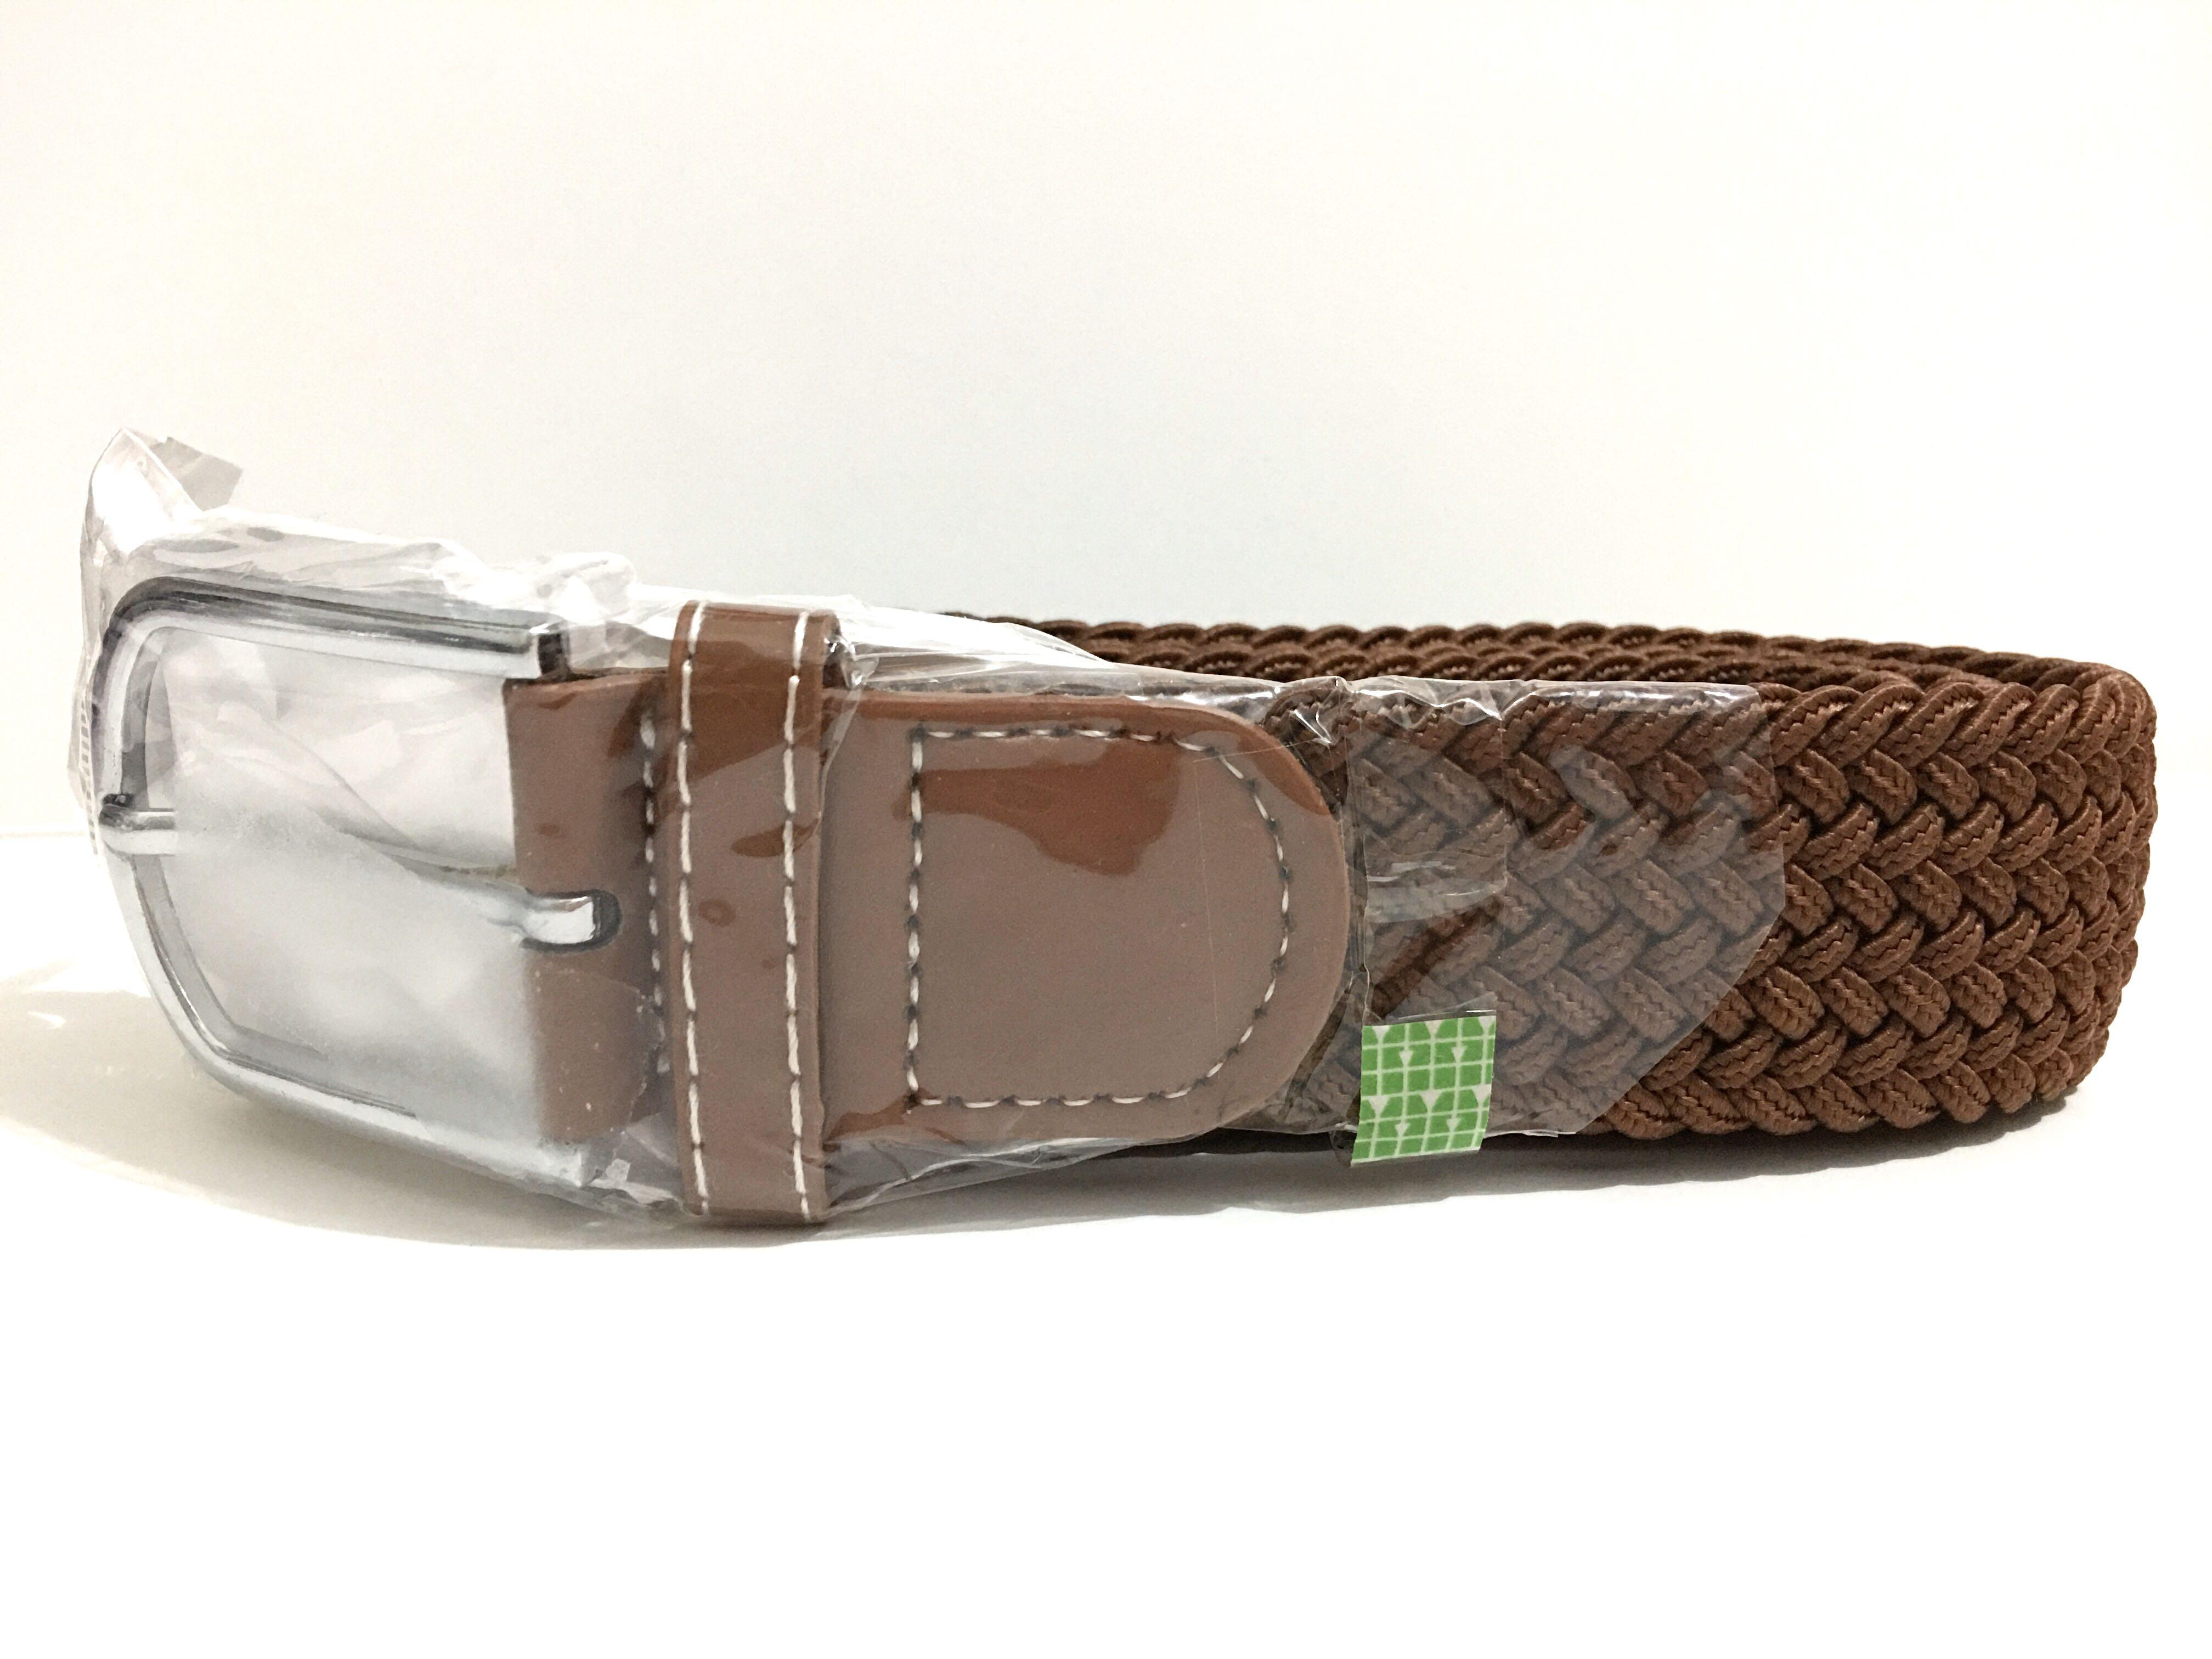 [Instock] BN Men Travel Casual-Smart Weaved Belt